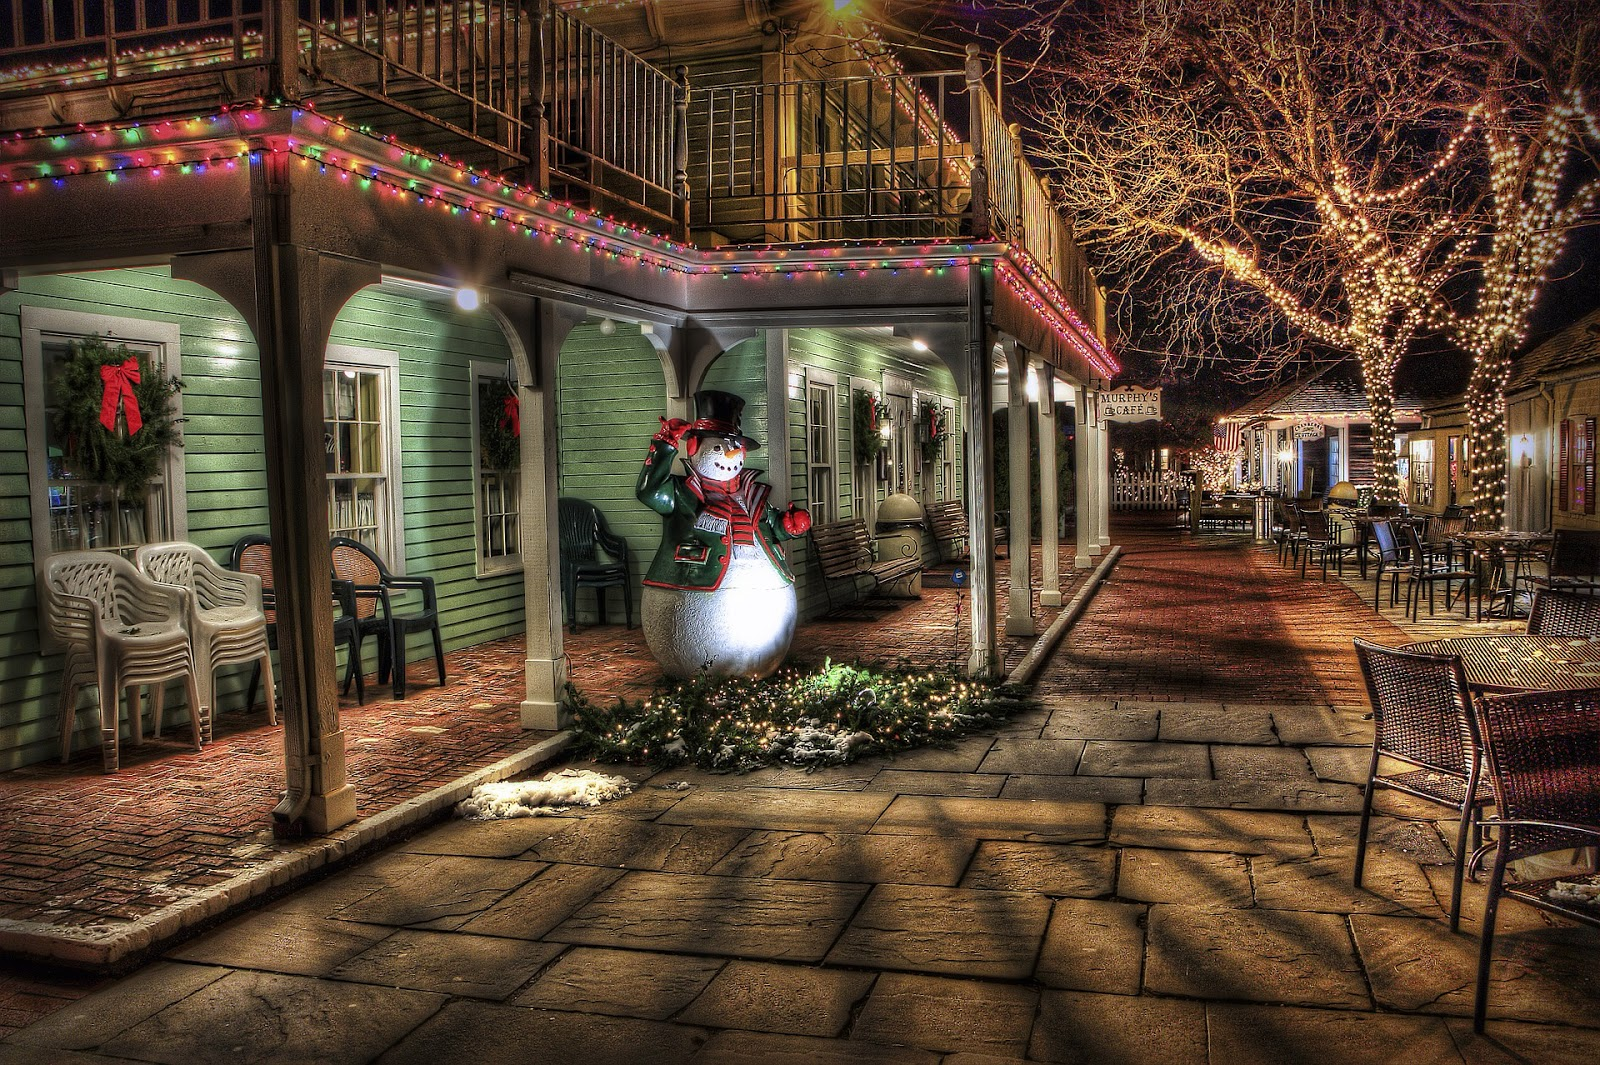 Amerikanische Weihnachtsbeleuchtung.Landhaus Blog Amerikanische Weihnachtsbeleuchtung Haus Im